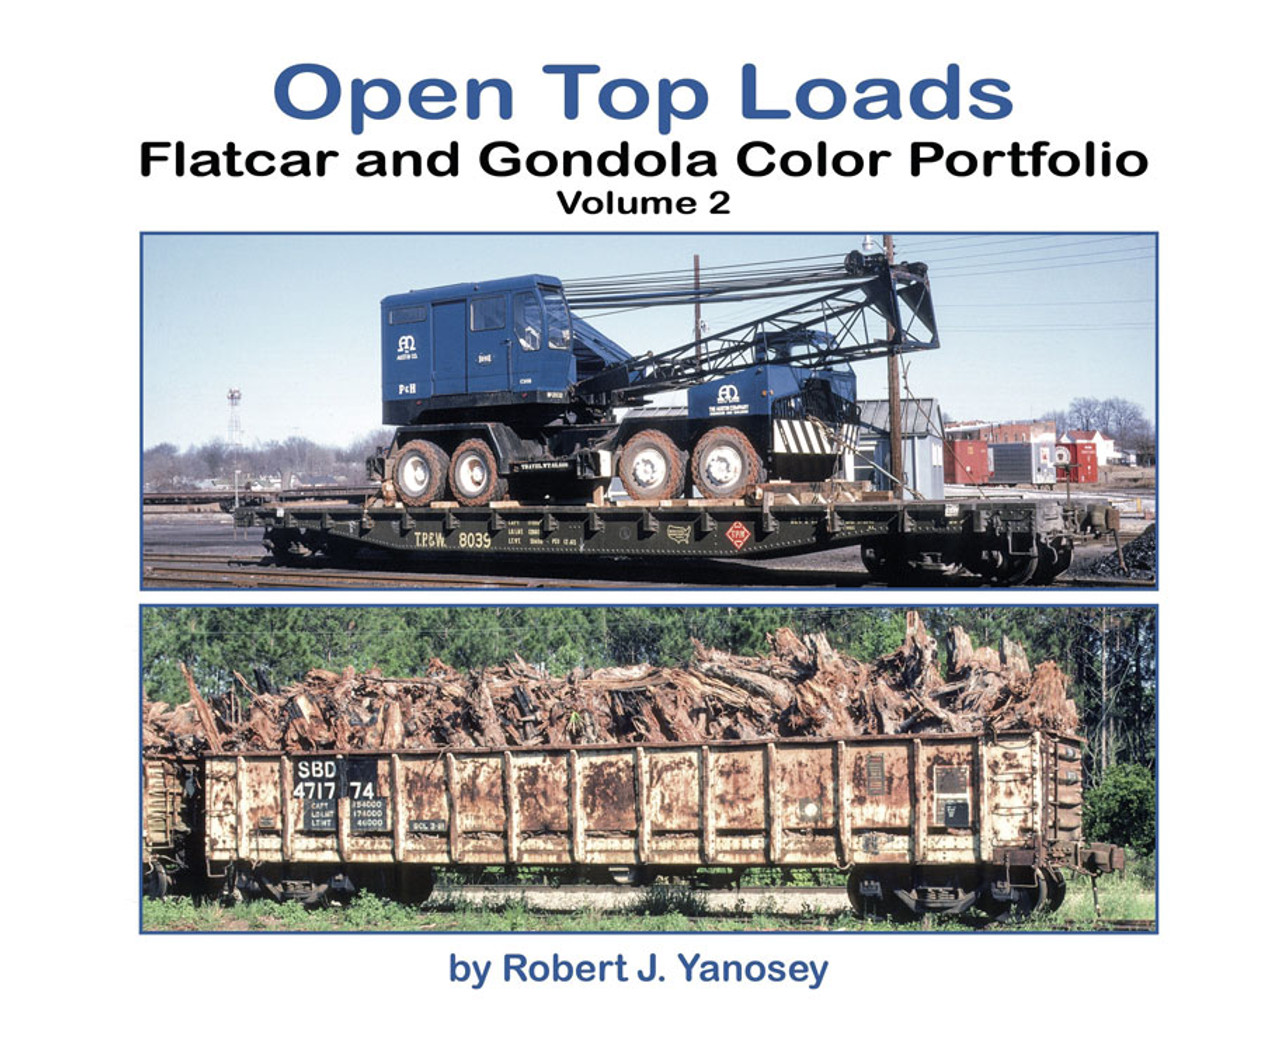 Open-Top Loads: Flatcar and Gondola Color Portfolio -- Volume 2 (Softcover)